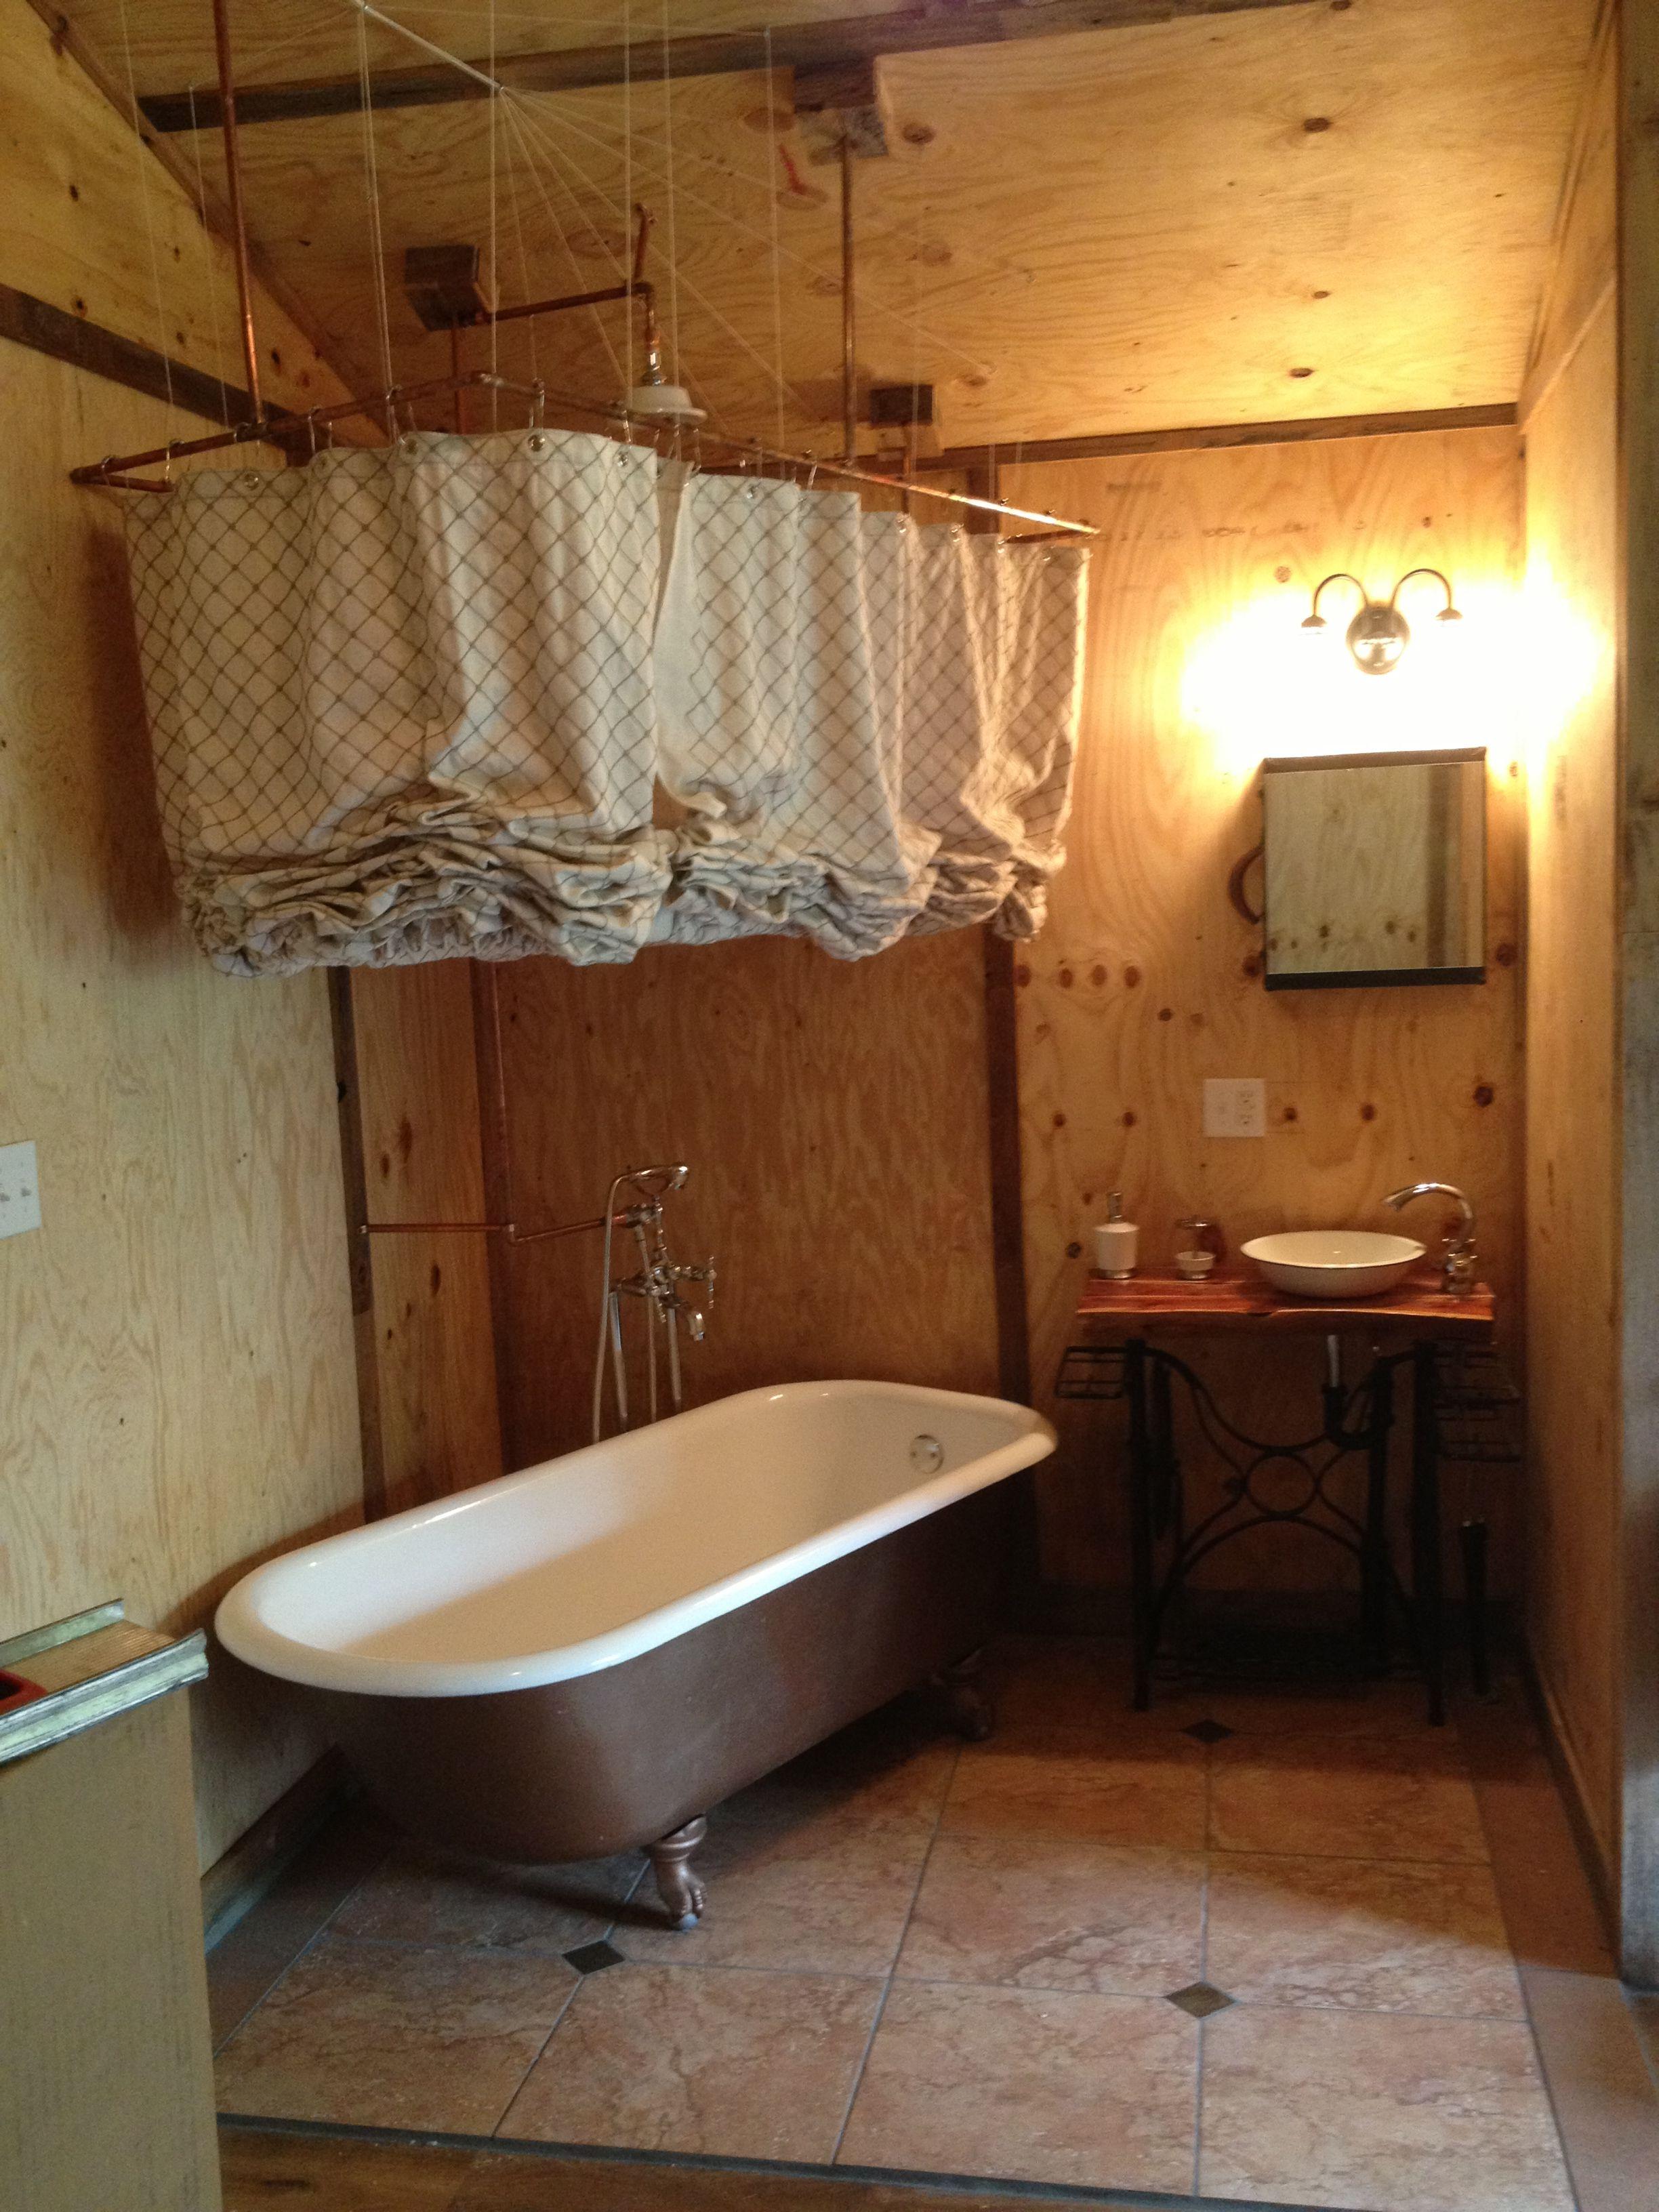 Clawfoot Tub Shower Curtain Ideas.Sewing Machine Base Cedar Log Top Sink Claw Foot Tub